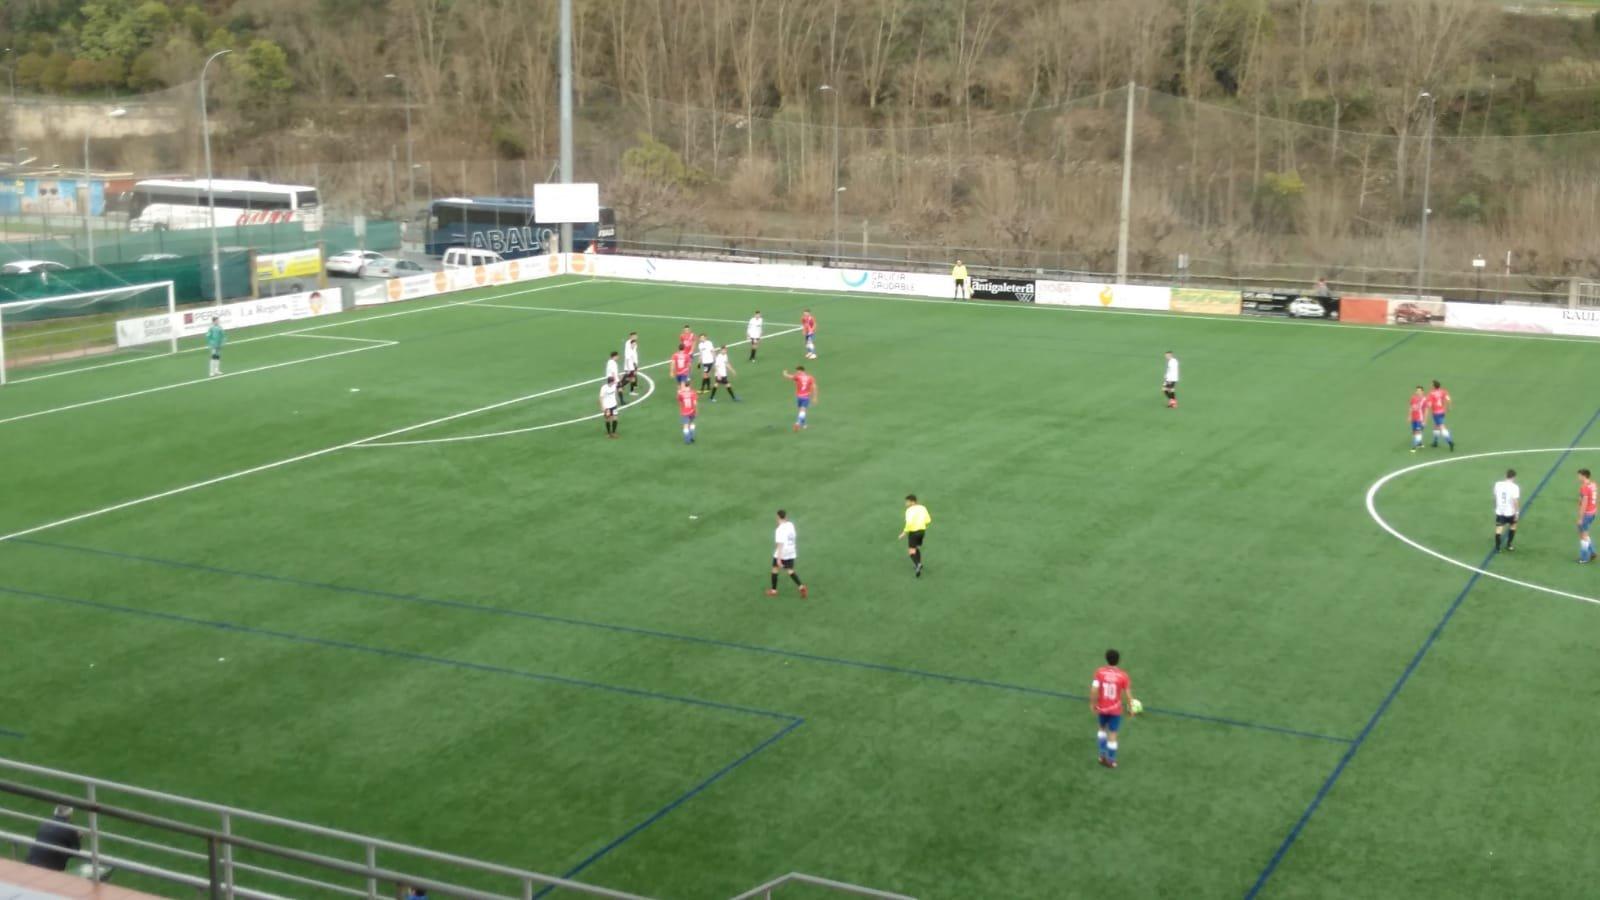 JuvenilAOurenseCF Portonovofinal